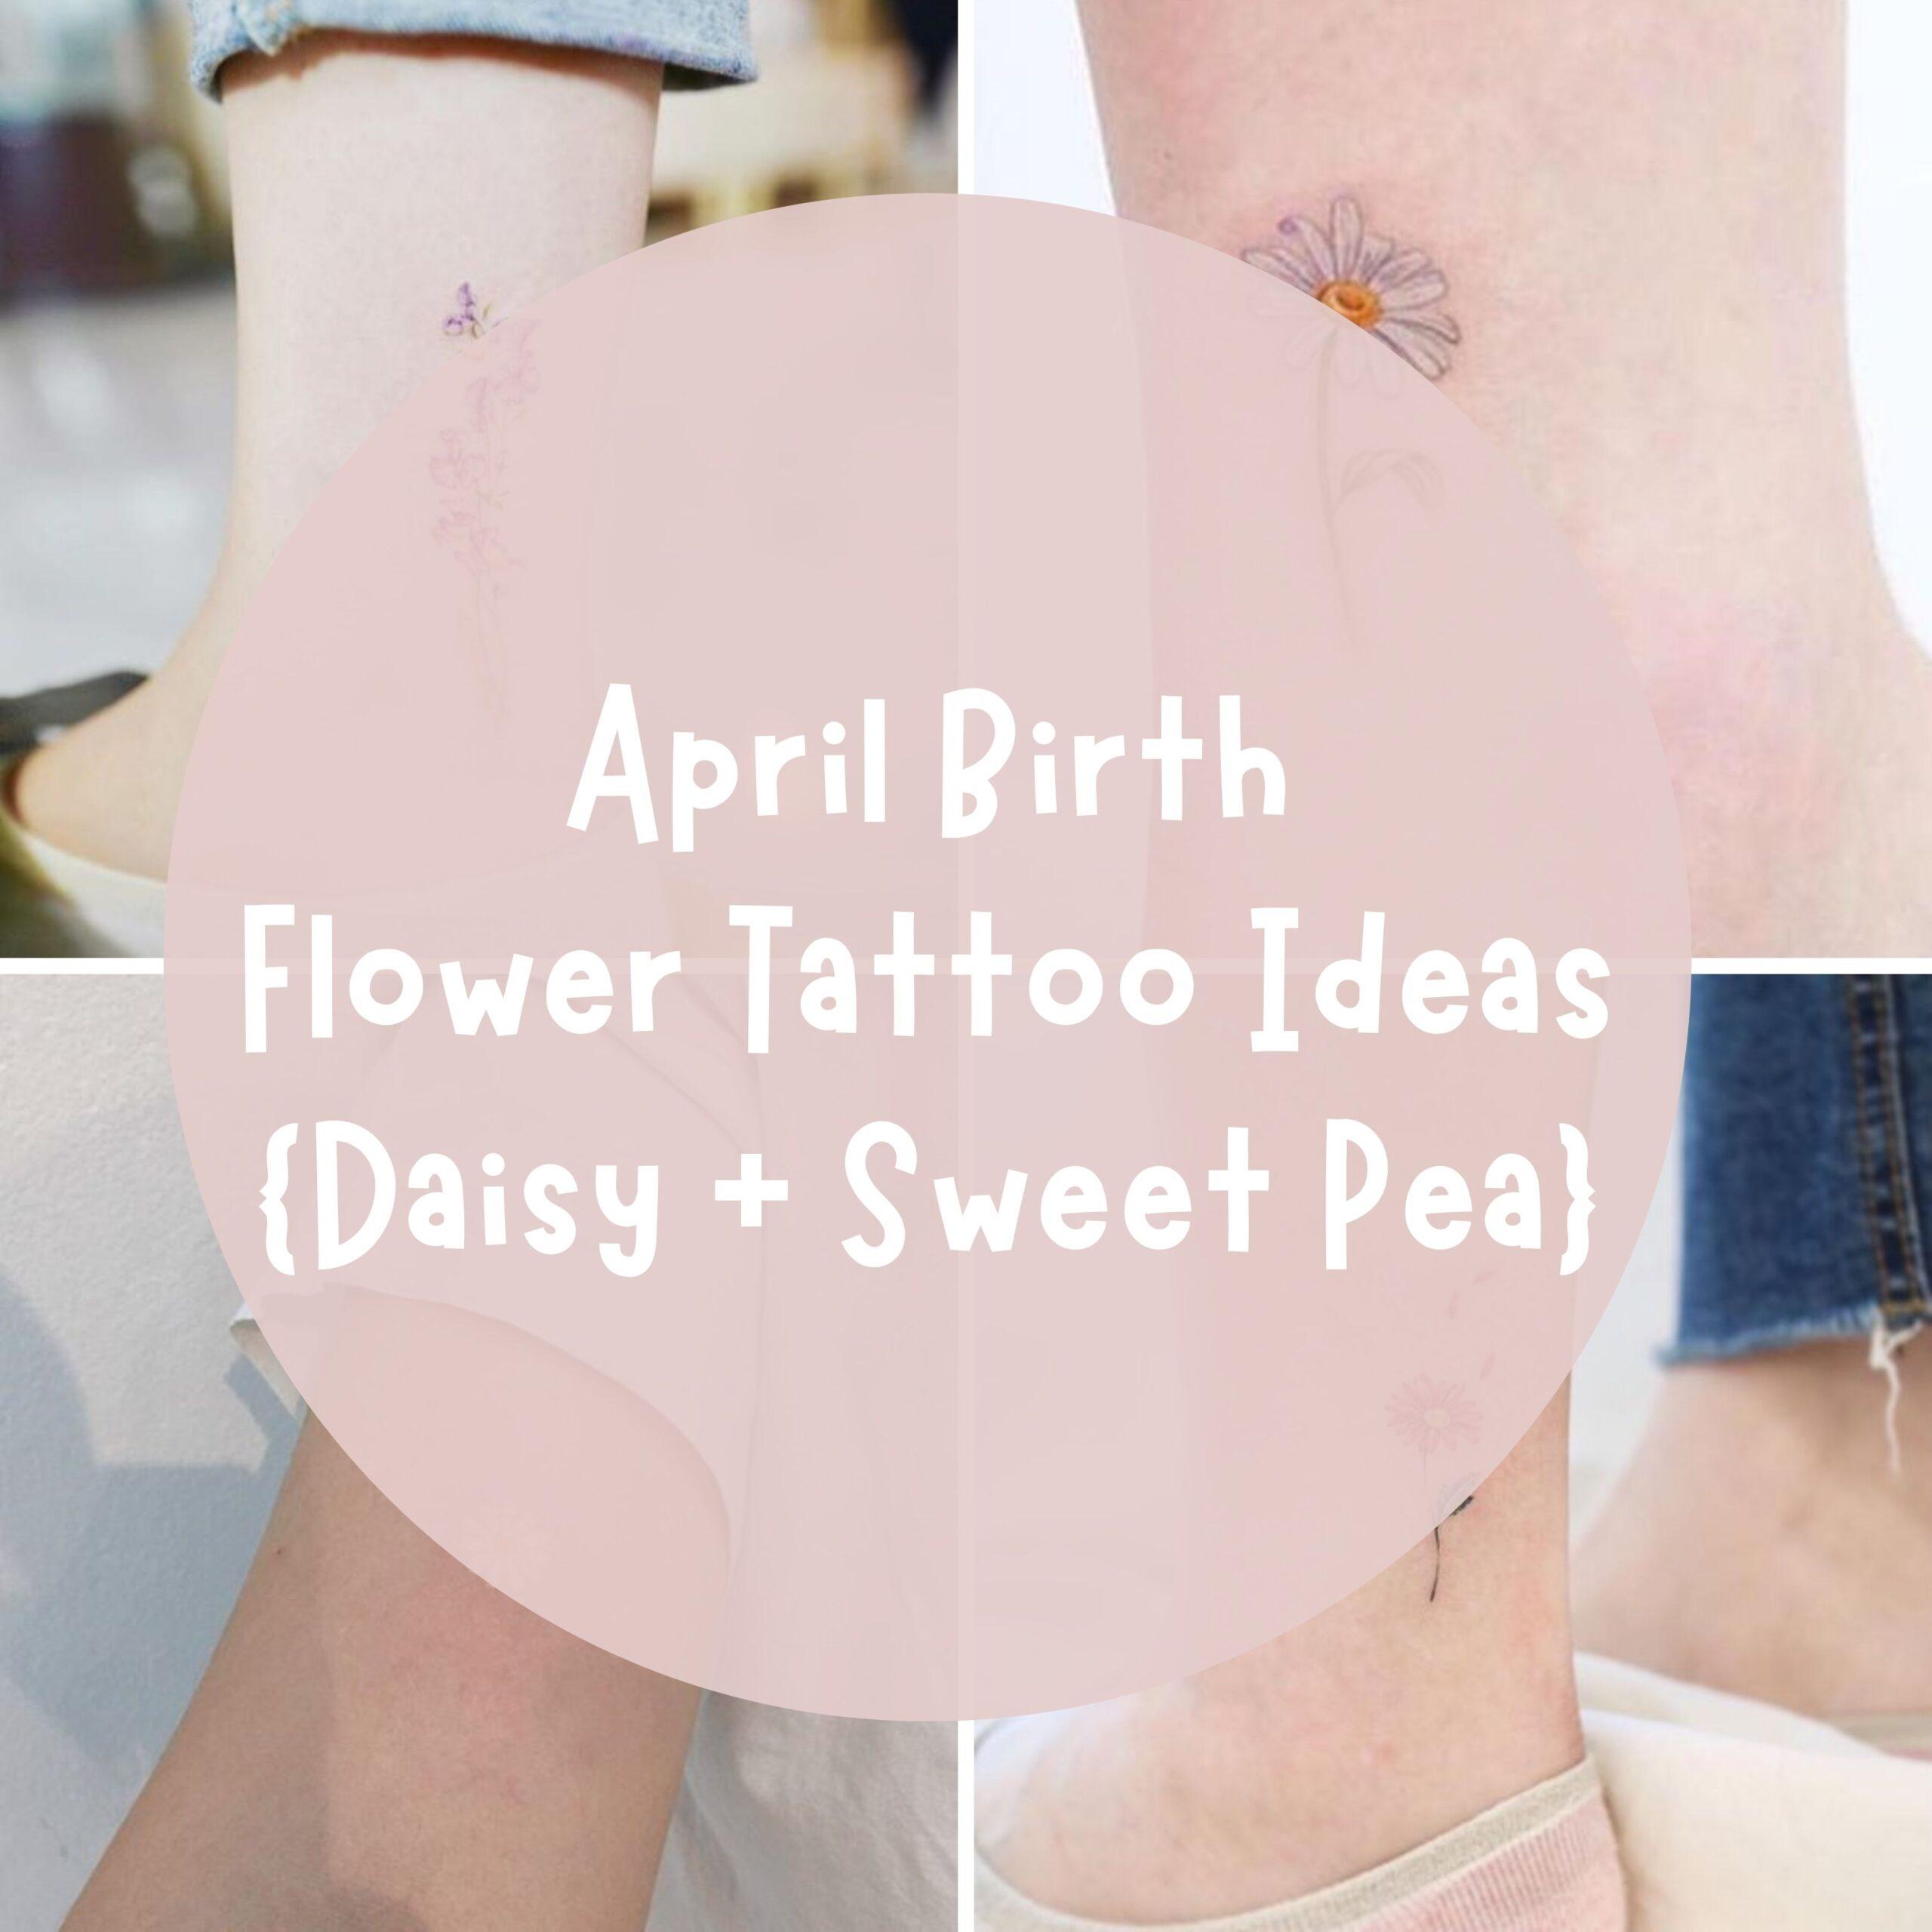 April Birth Flower Tattoo Designs